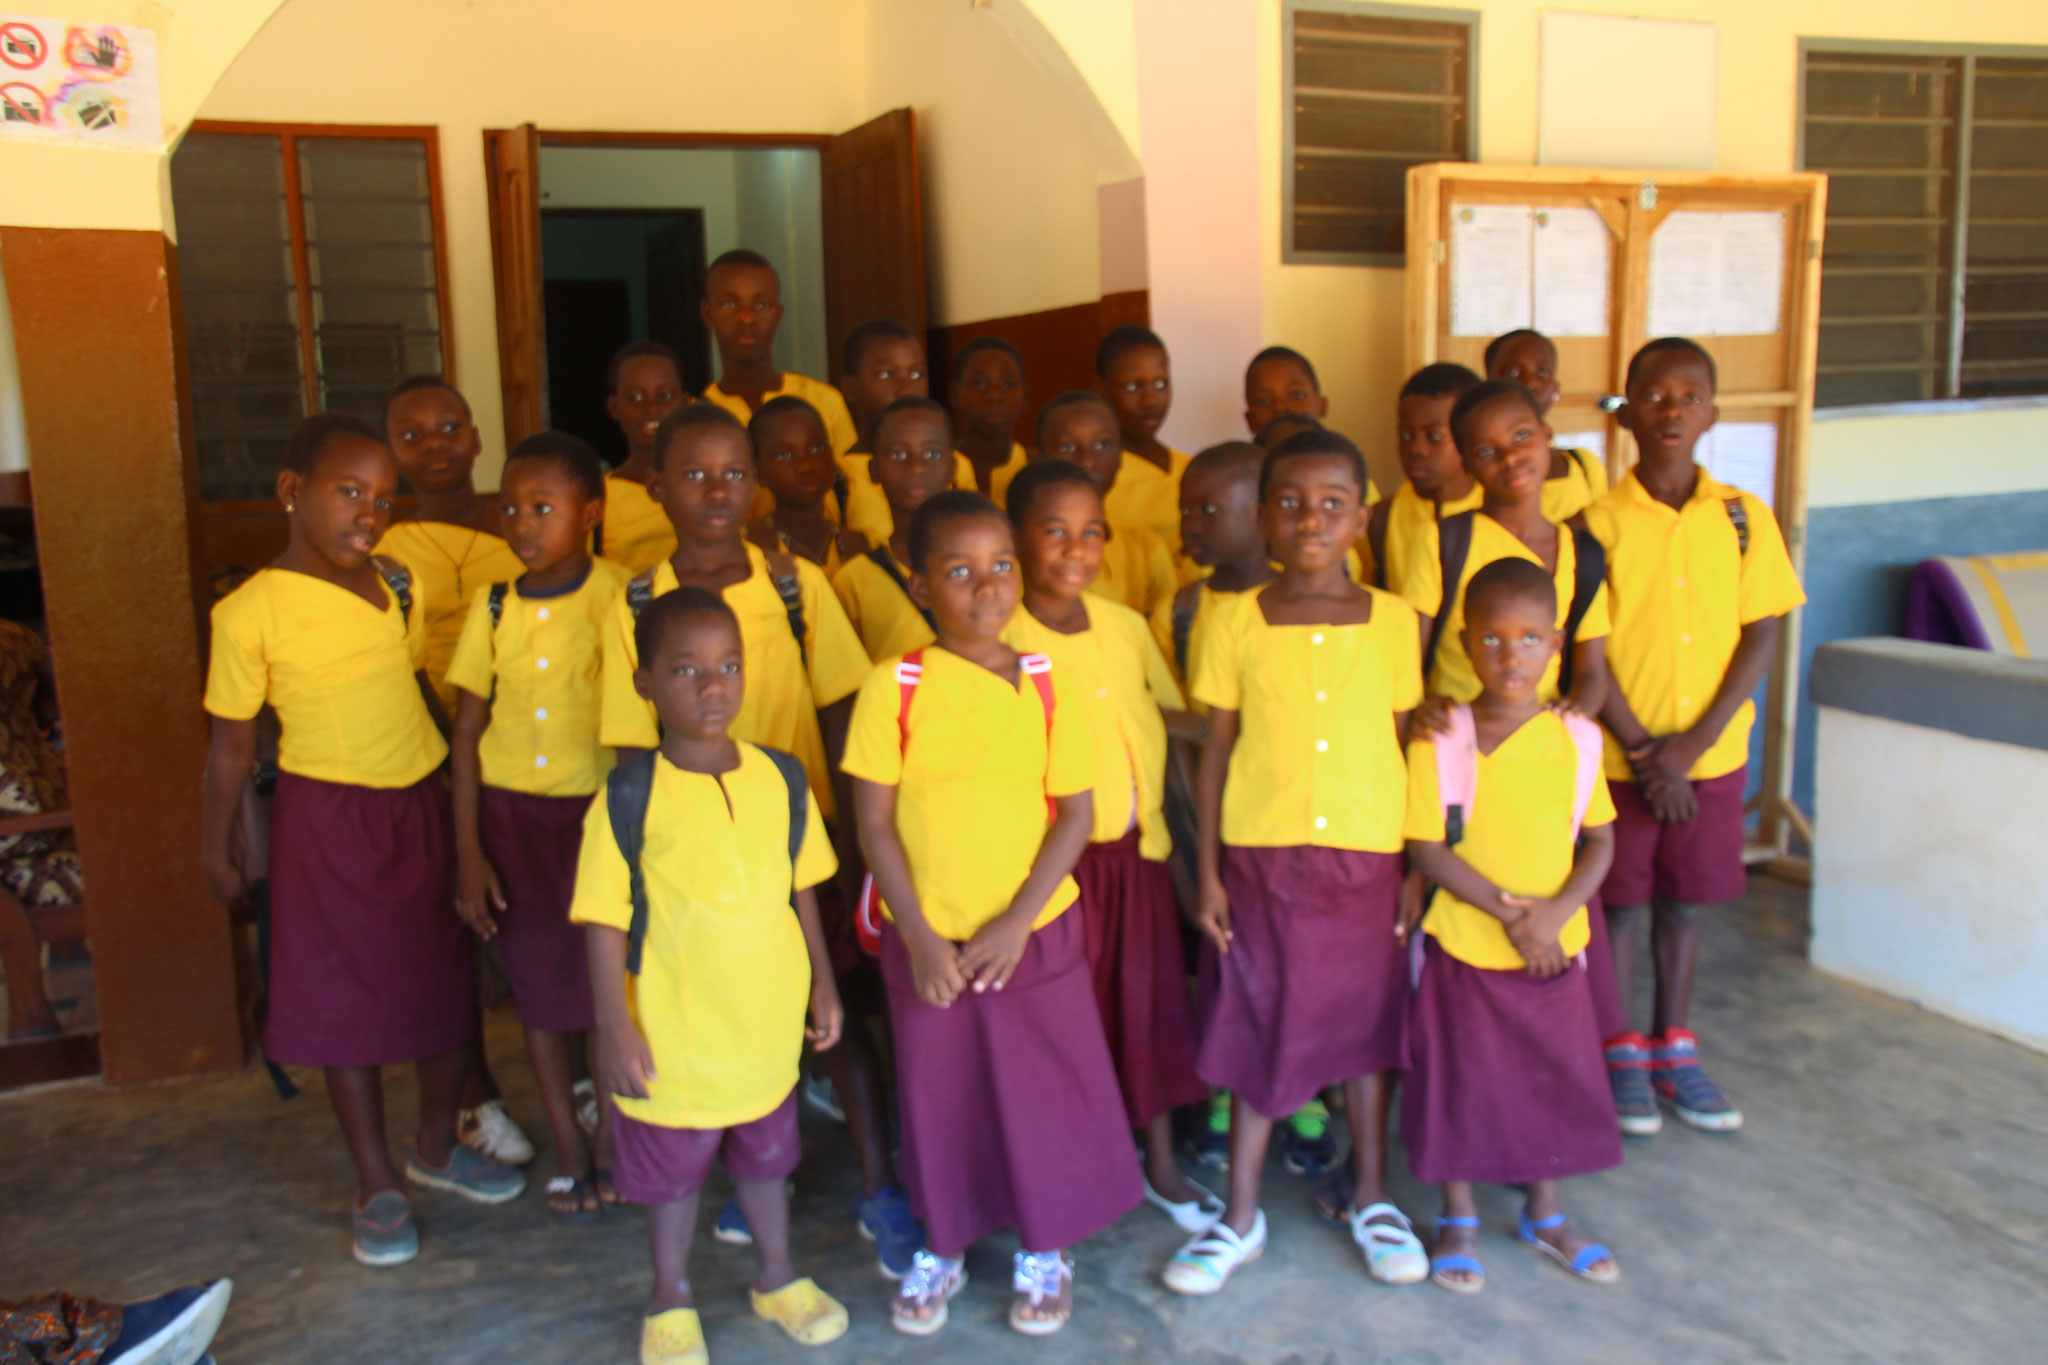 3. Kinder im Kinderheim Divine Providence in Schuluniform.